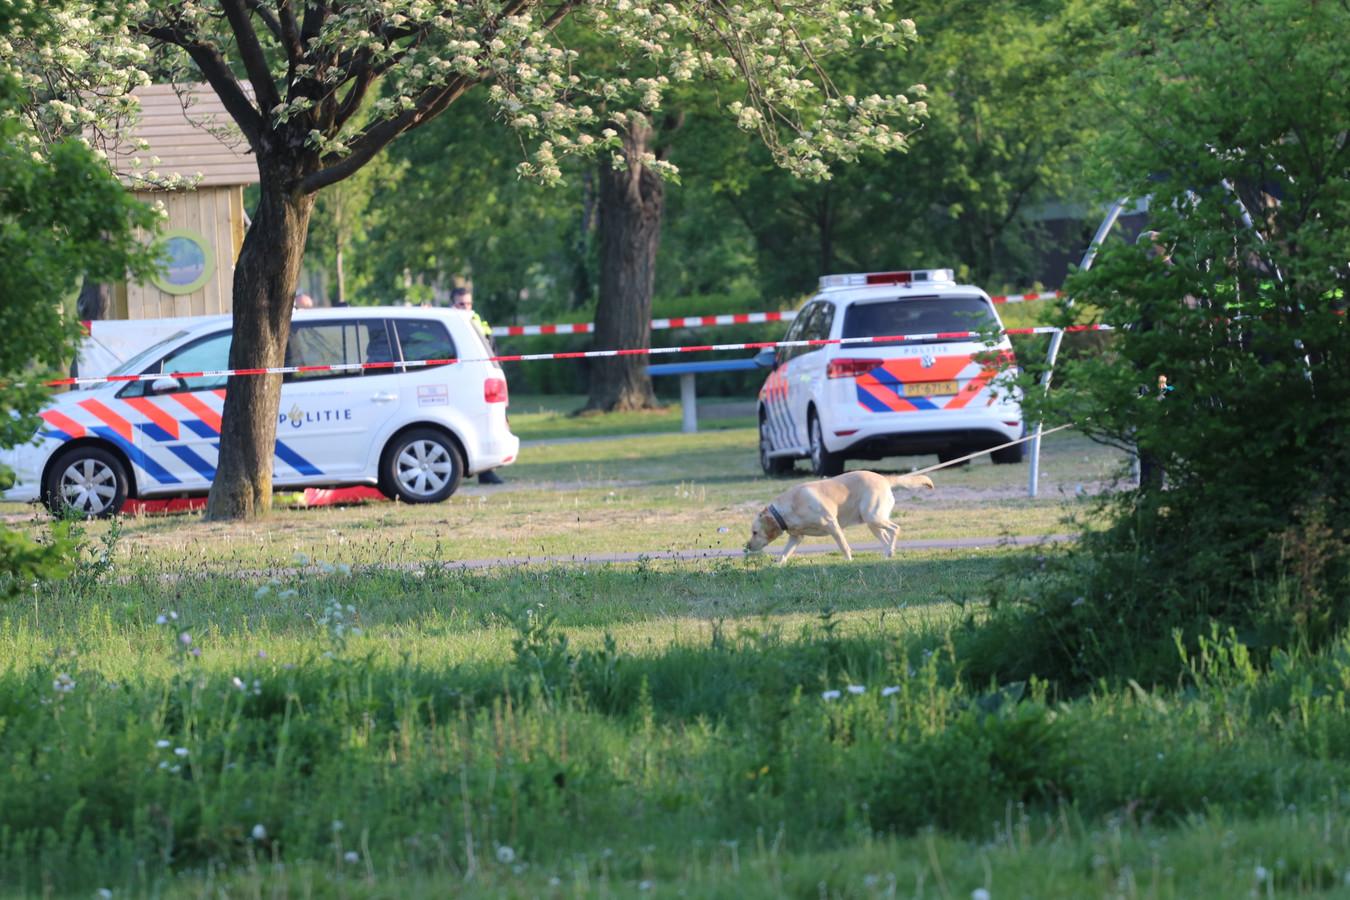 De politie deed vanmorgen onderzoek.